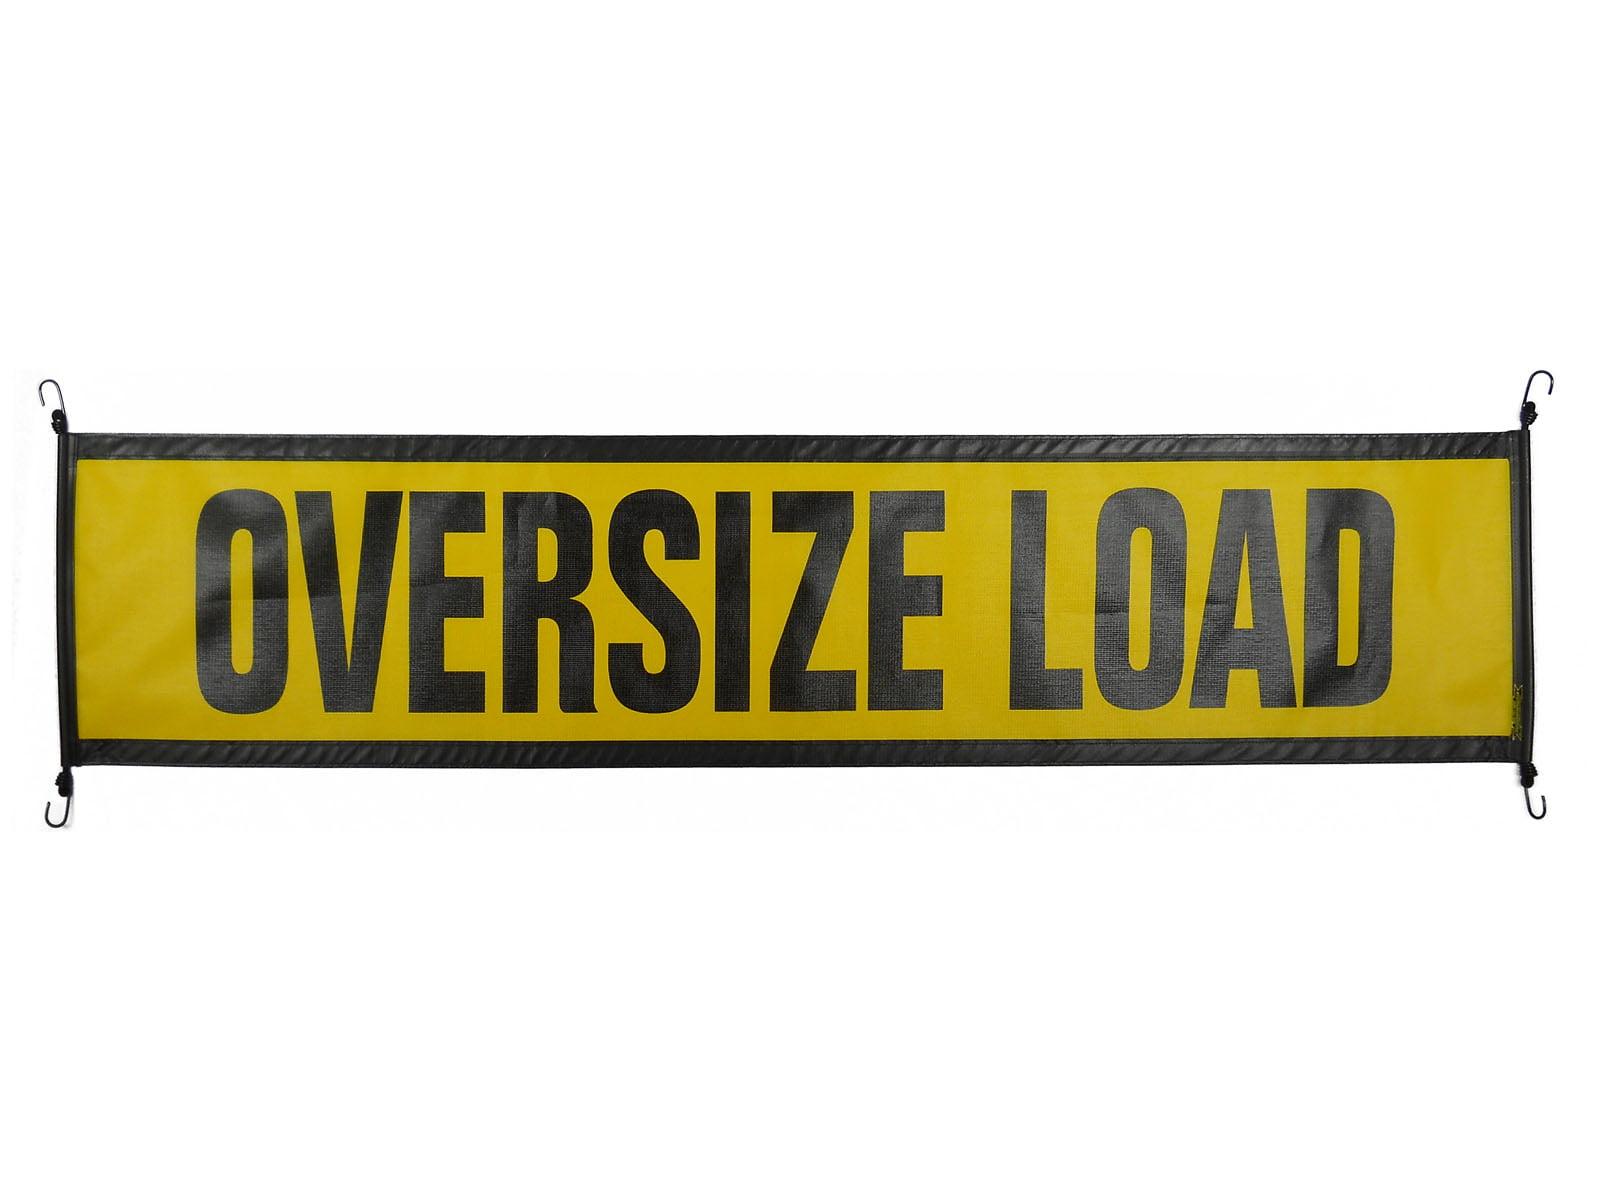 Wide Load Sign >> Ez Hook Oversize Load Sign